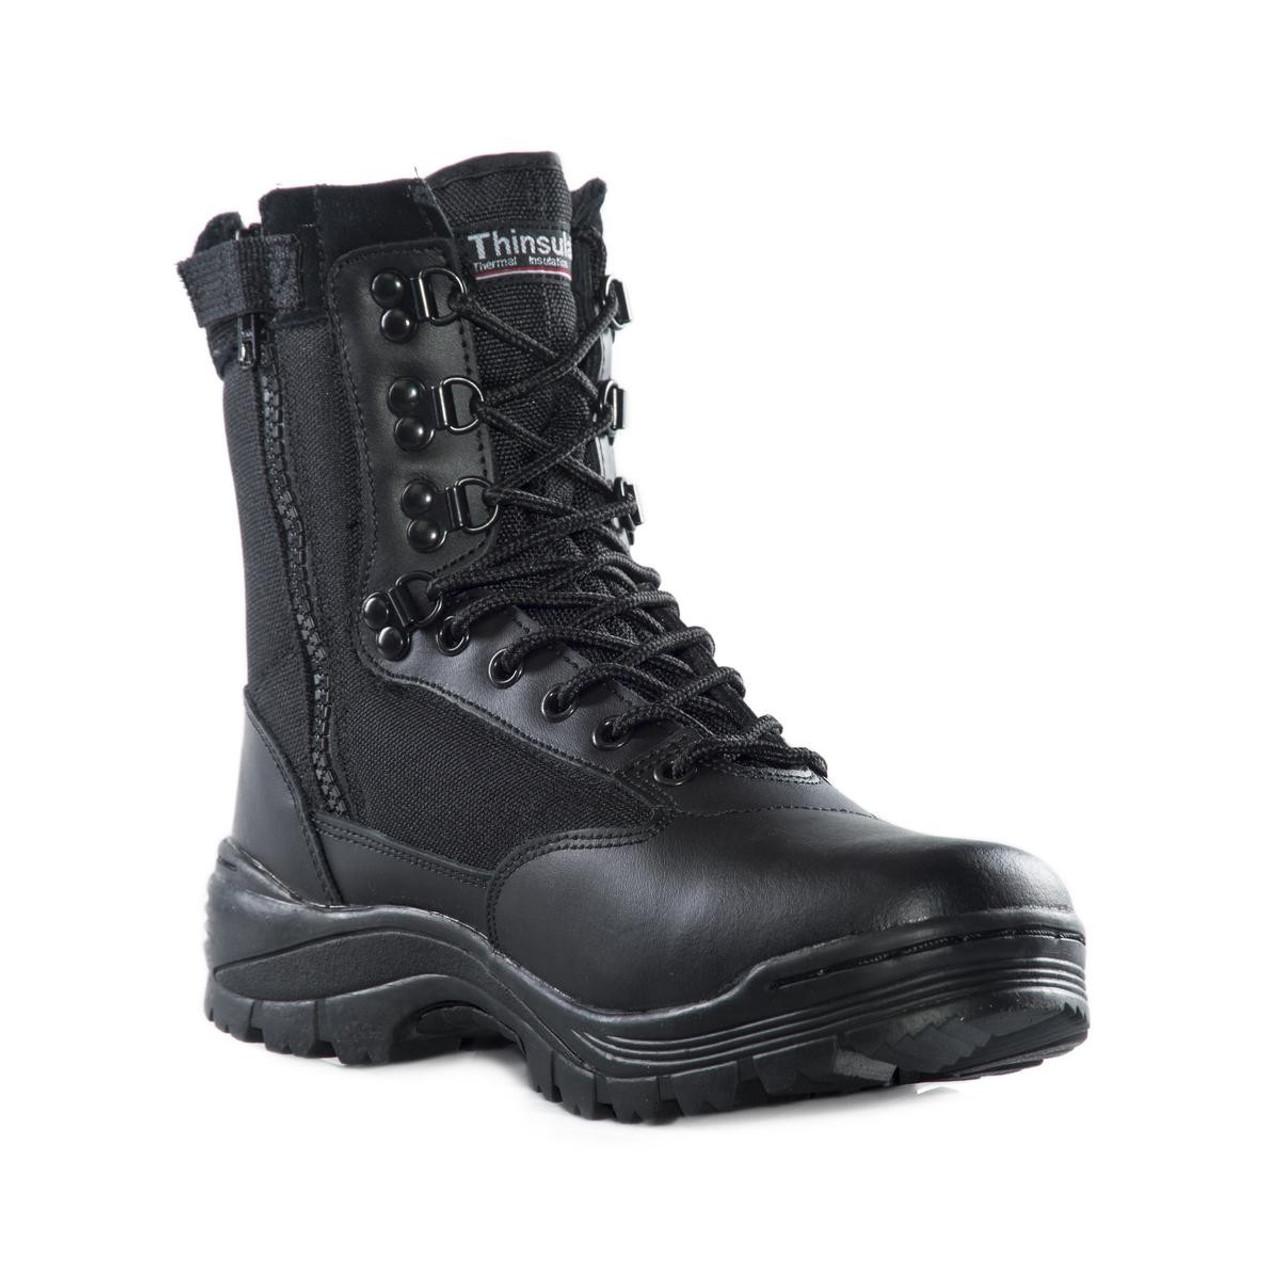 012f550e880 Voodoo Tactical 9